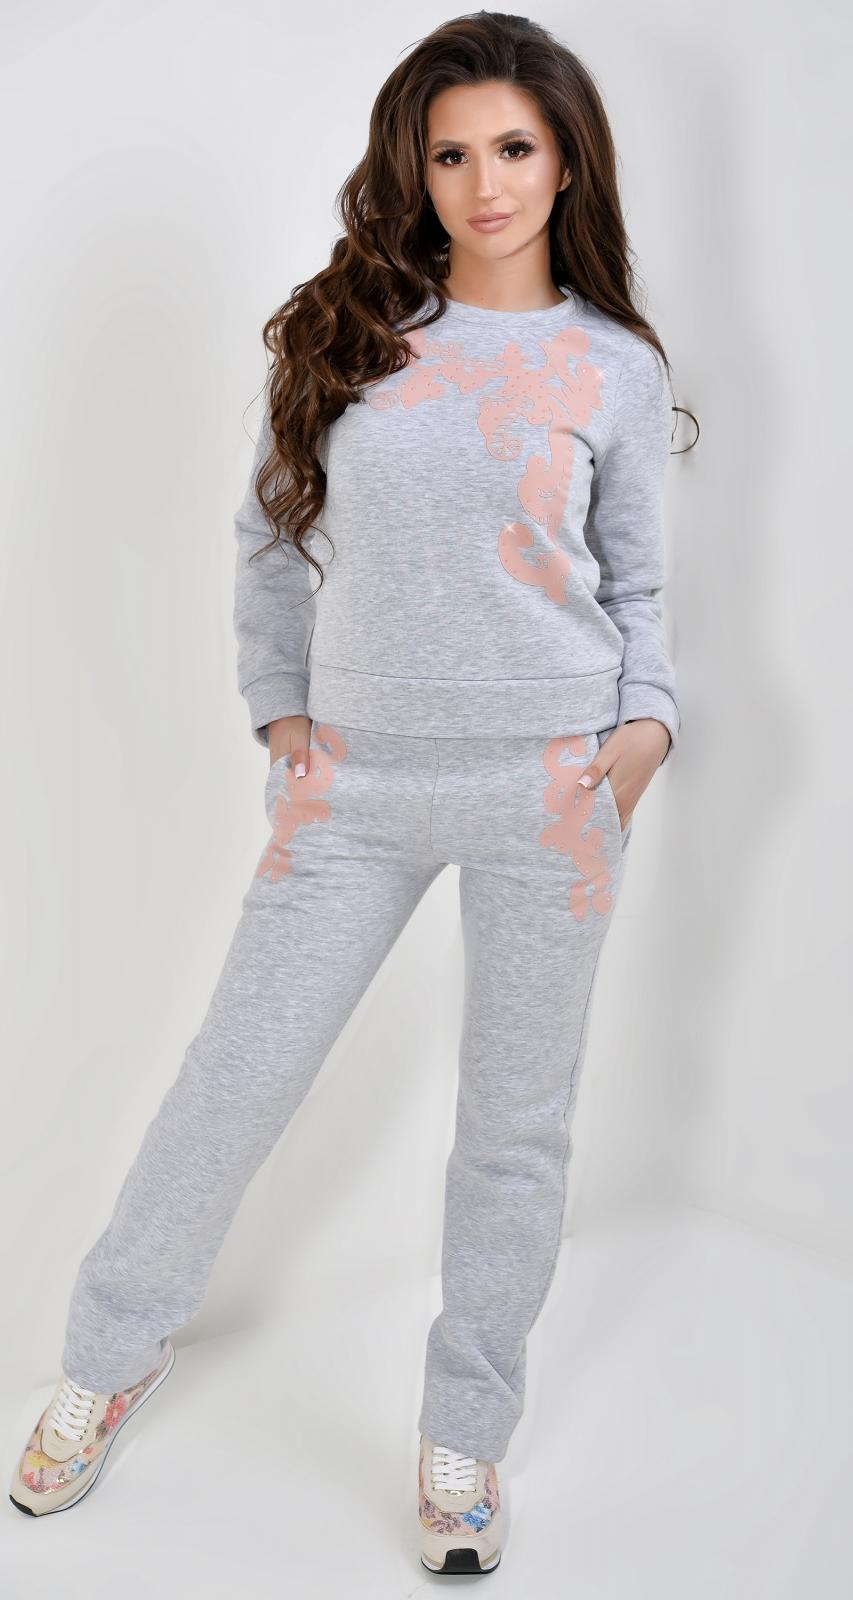 4c01fee5 Женская одежда оптом Montella | Серый теплый спортивный костюм